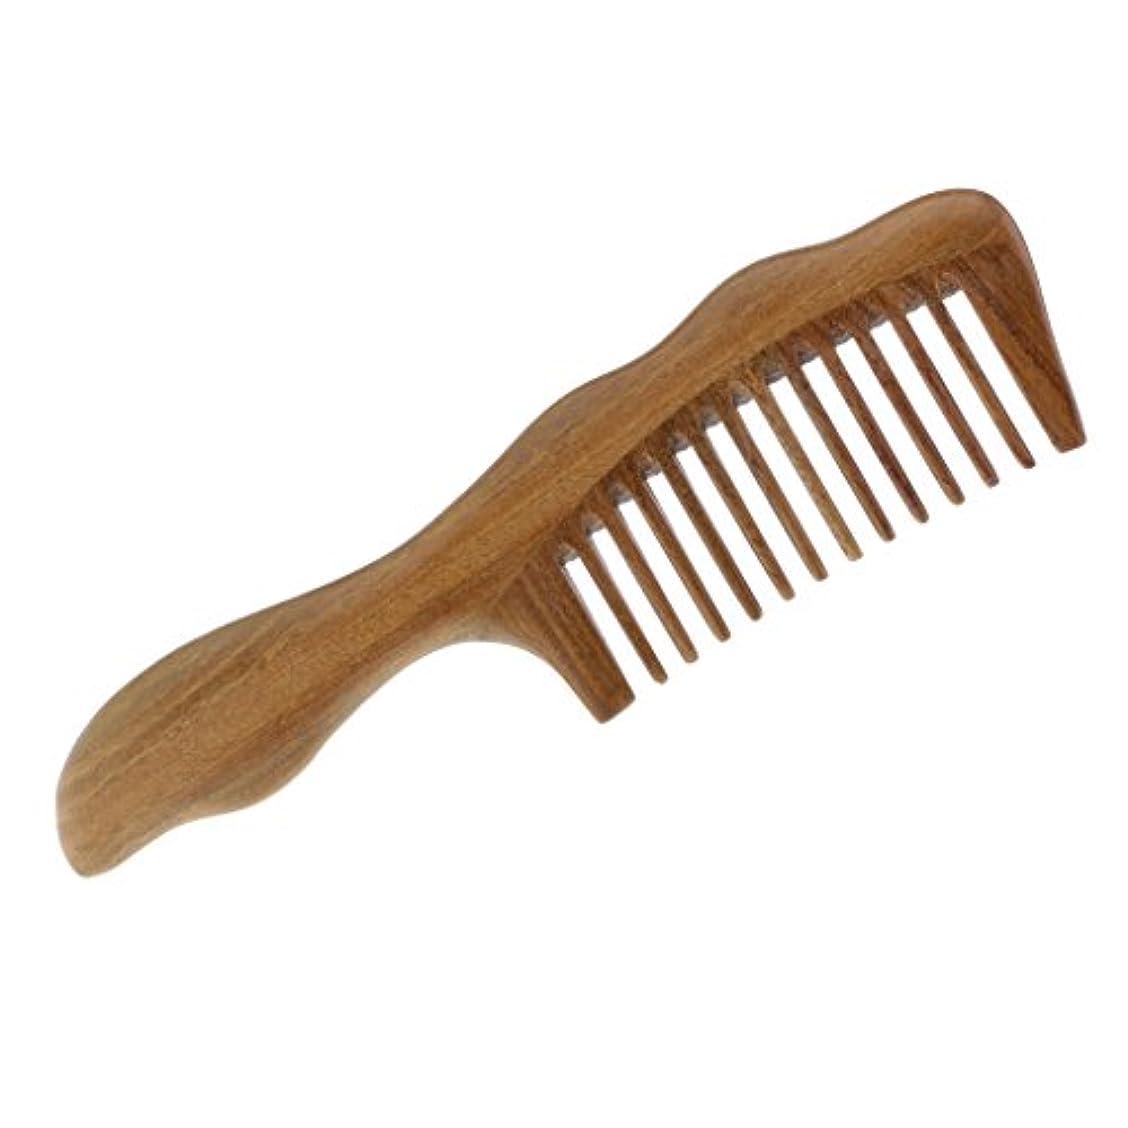 アクション磁石バイソンToygogo 広い歯の櫛の木製のもつれの櫛、木製の毛のブラシ/Sandalwoodの非静的な木の櫛